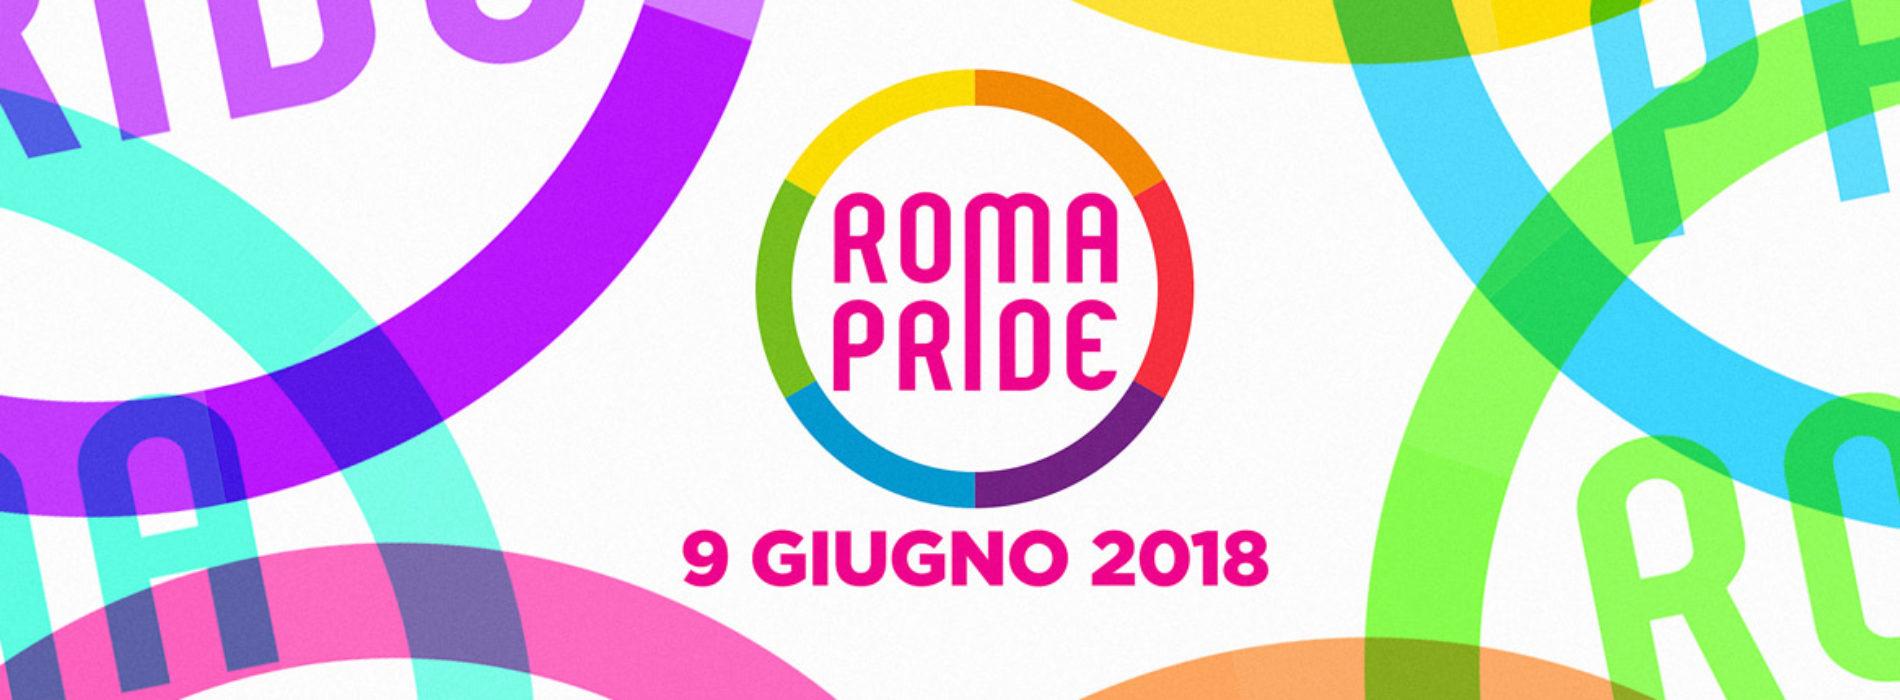 9 Giugno 2018 - Roma Pride